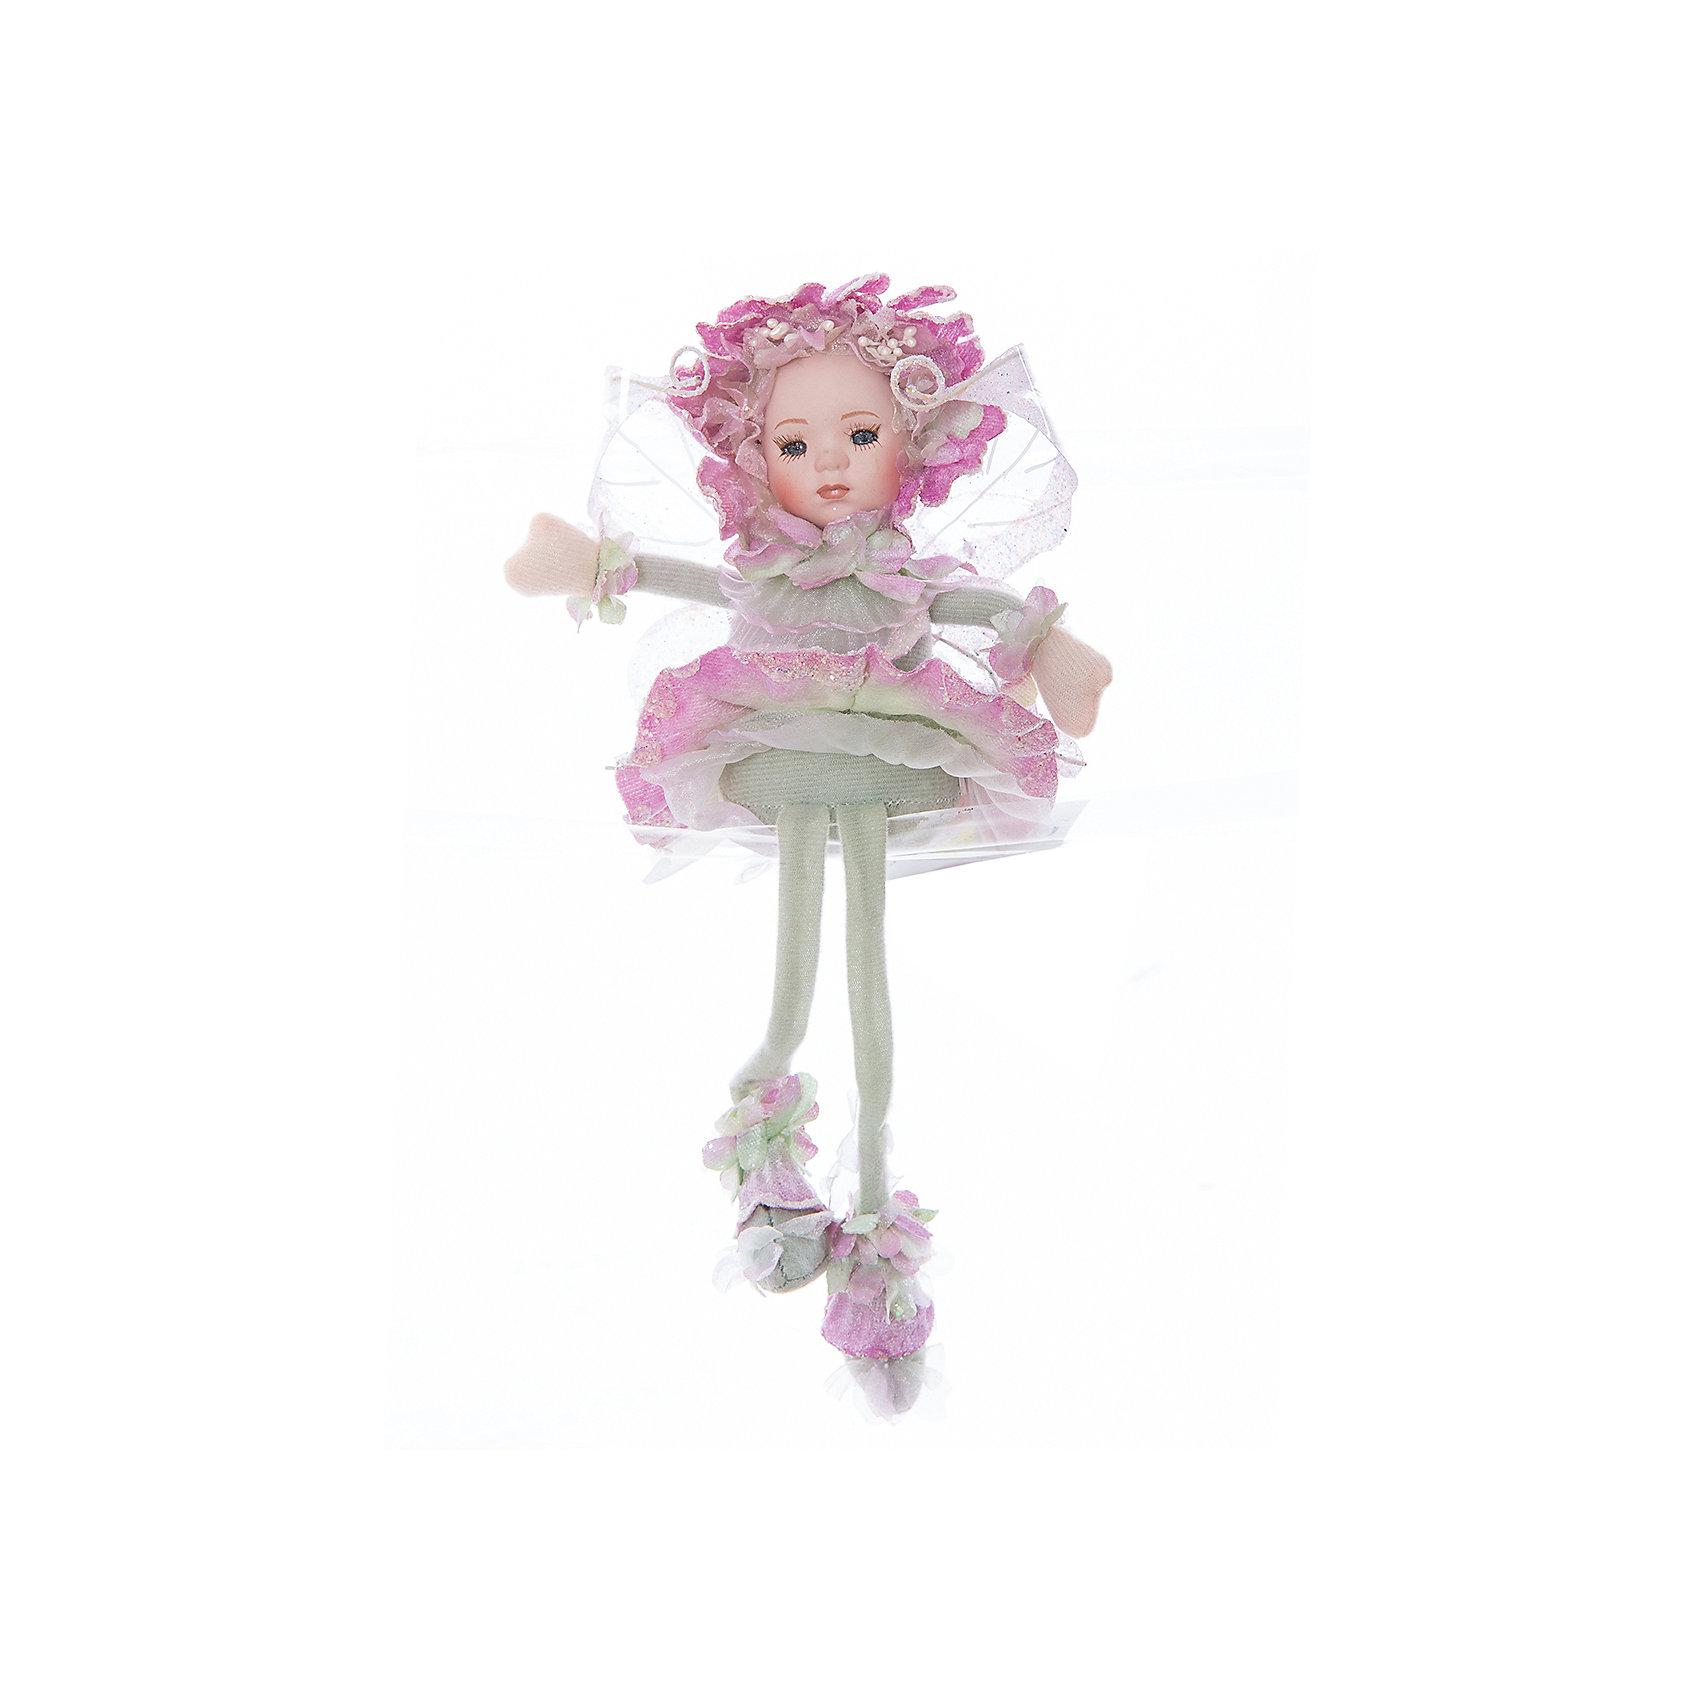 Интерьерная кукла Фея C21-128275, EstroПредметы интерьера<br>Характеристики интерьерной куклы:<br><br>- размеры: 13*30*9 см. <br>- тип игрушки: фигурки <br>- персонаж: фея<br>- вид упаковки: коробка<br>- возрастные ограничения: 3+<br>- комплектация: игрушка <br>- состав: полиэстер, керамика<br>- материал изготовления: высококачественный пластик, полиэстер, ткань, фарфор<br>- стиль: классический, прованс<br>- бренд: Estro <br>- страна бренда: Италия<br>- страна производитель: Китай<br><br>Изящная интерьерная кукла фея итальянской торговой марки Estro будет прекрасным выбором для Вашей домашней коллекции. Ее внешний вид тщательно проработан, все элементы тщательно подогнаны и замечательно подходят друг к другу. Интерьерная кукла фея будет хорошей находкой для себя или презентом для подруги. Модель куклы сделана из сырья отличного качества красивой палитры. <br><br>Интерьерную куклу фея итальянской торговой марки Estro можно купить в нашем интернет-магазине.<br><br>Ширина мм: 150<br>Глубина мм: 150<br>Высота мм: 300<br>Вес г: 130<br>Возраст от месяцев: 36<br>Возраст до месяцев: 1188<br>Пол: Женский<br>Возраст: Детский<br>SKU: 5356624